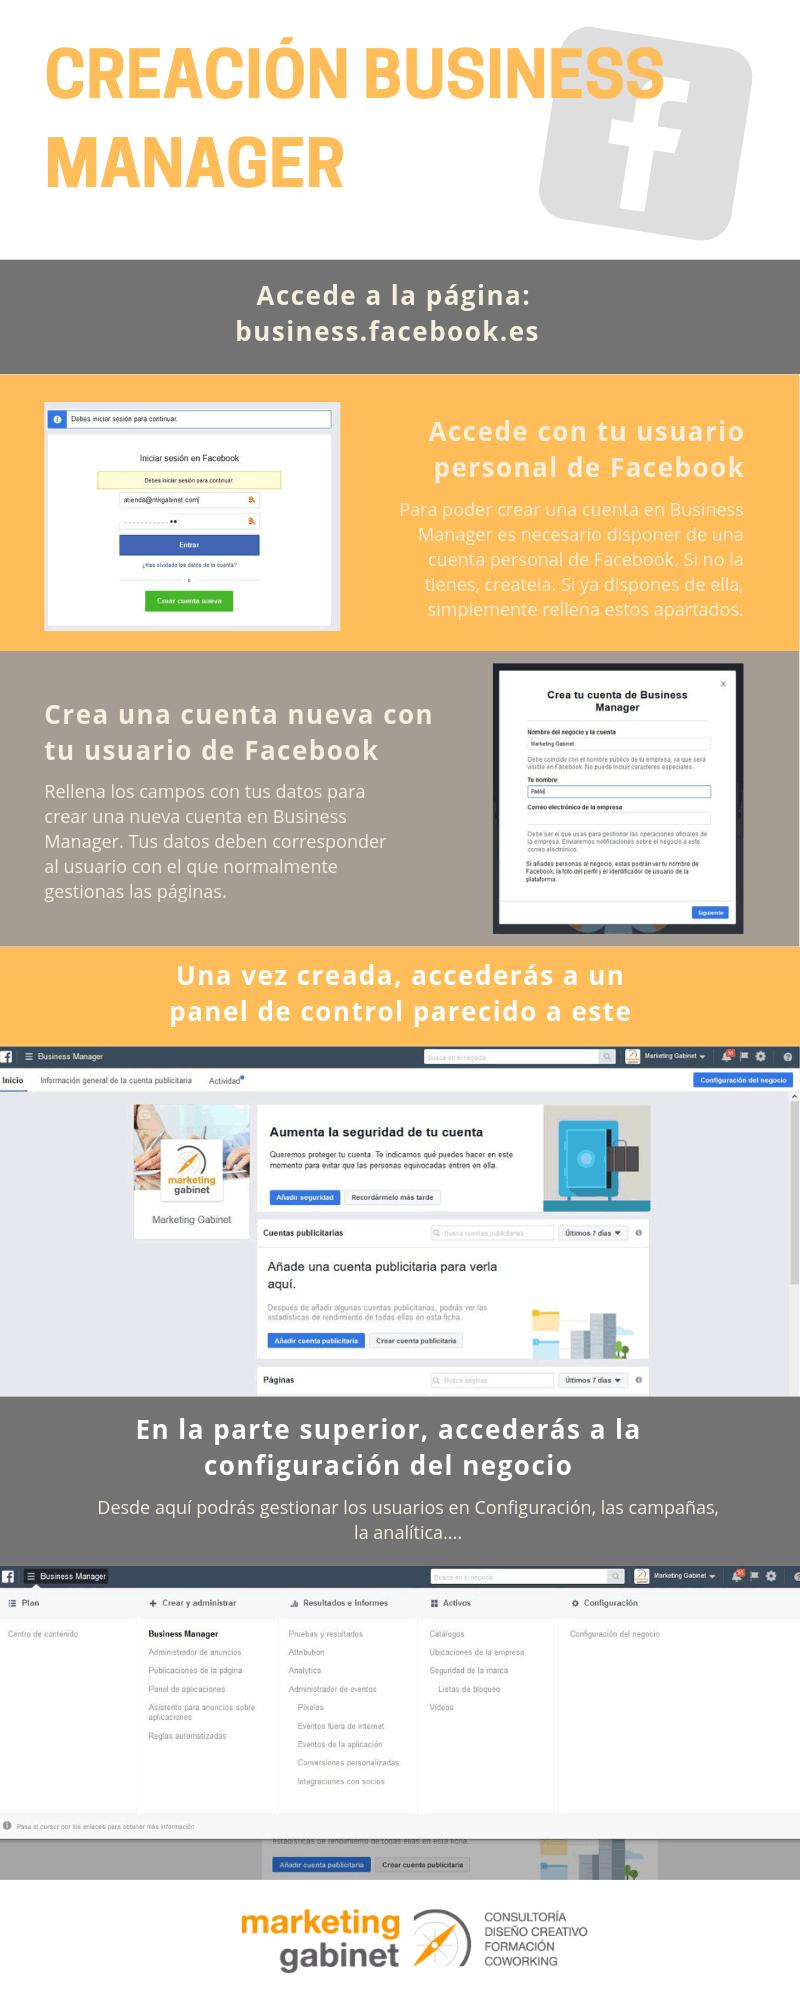 Cómo crear una cuenta de Facebook Business Manager